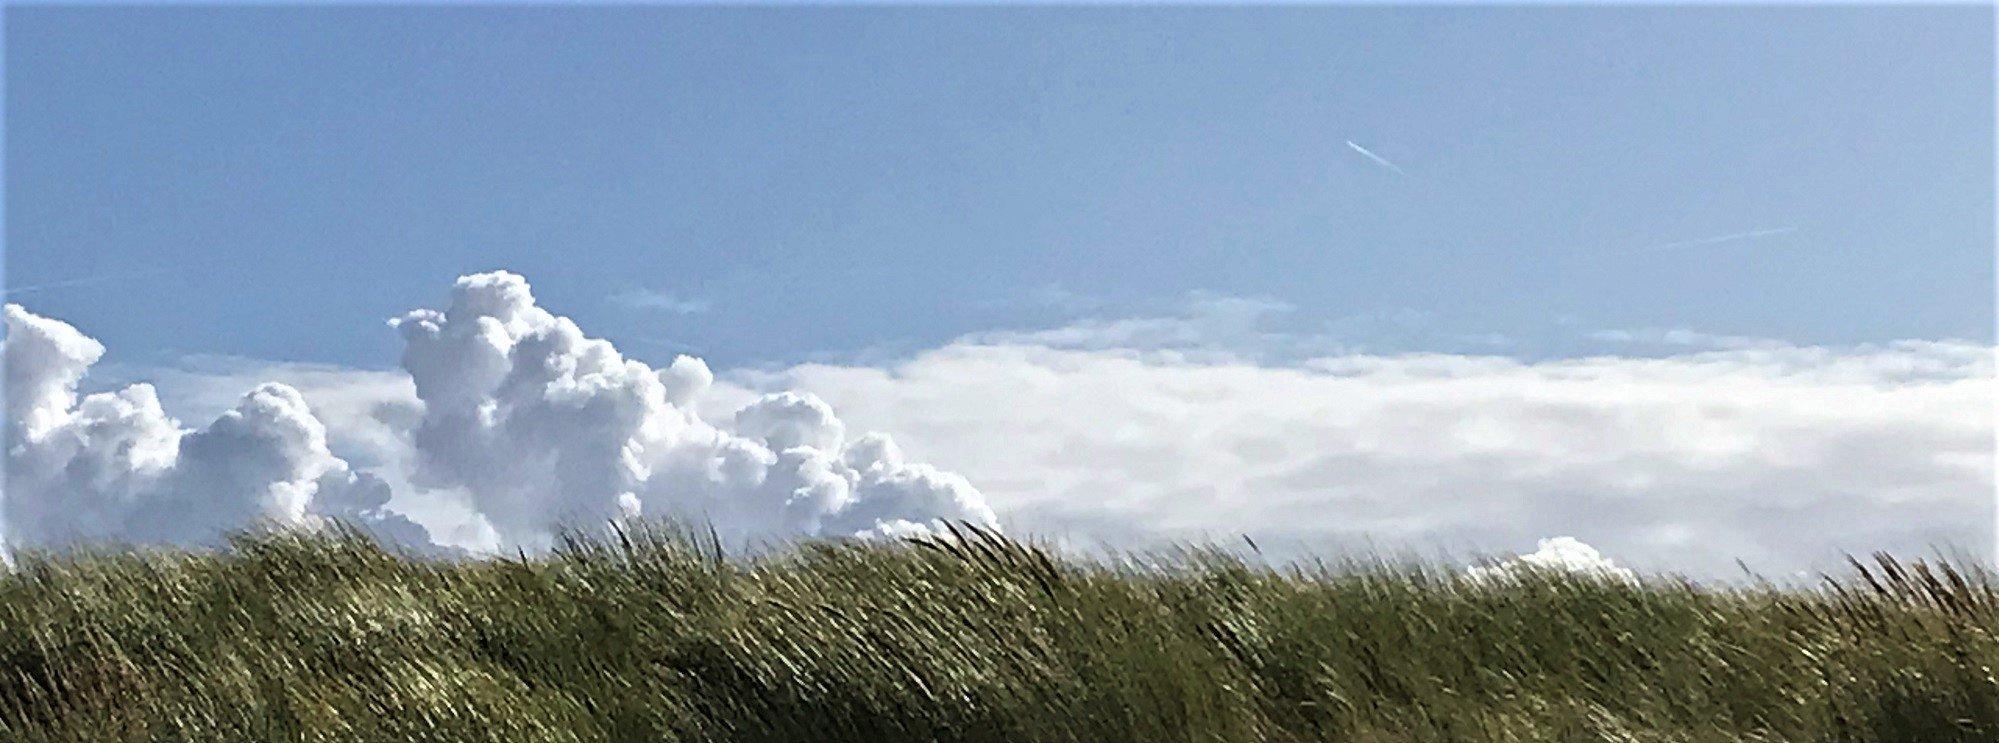 Dramatische Wolke hinter einer Düne.